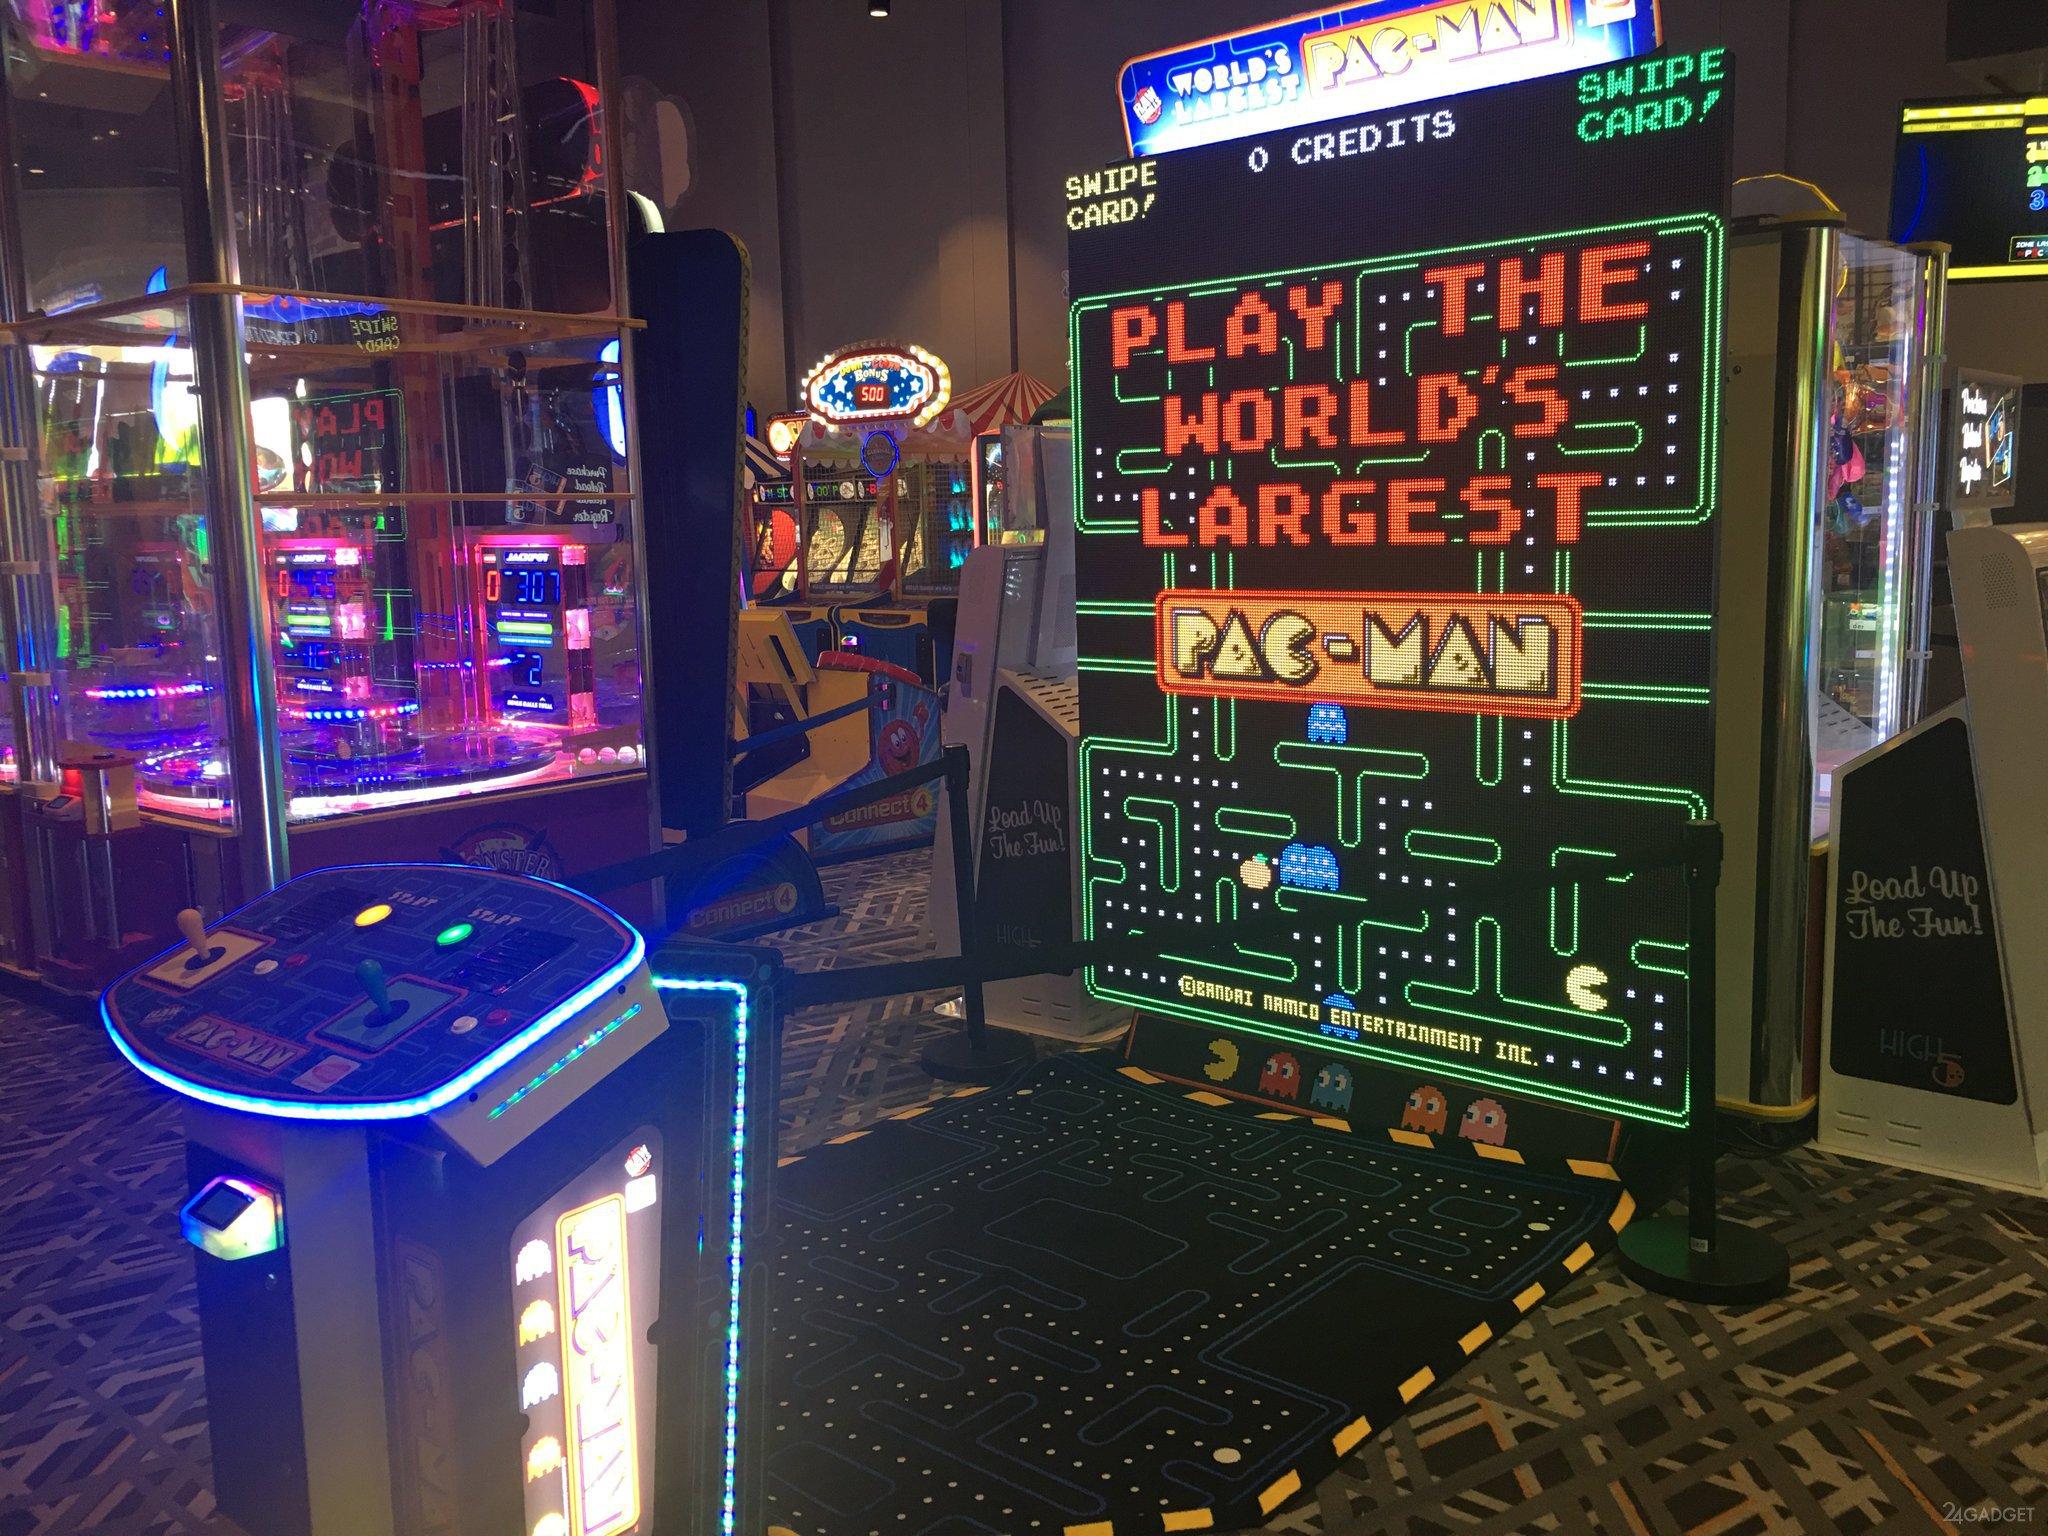 Игровые автоматы играть бесплатно вишенки